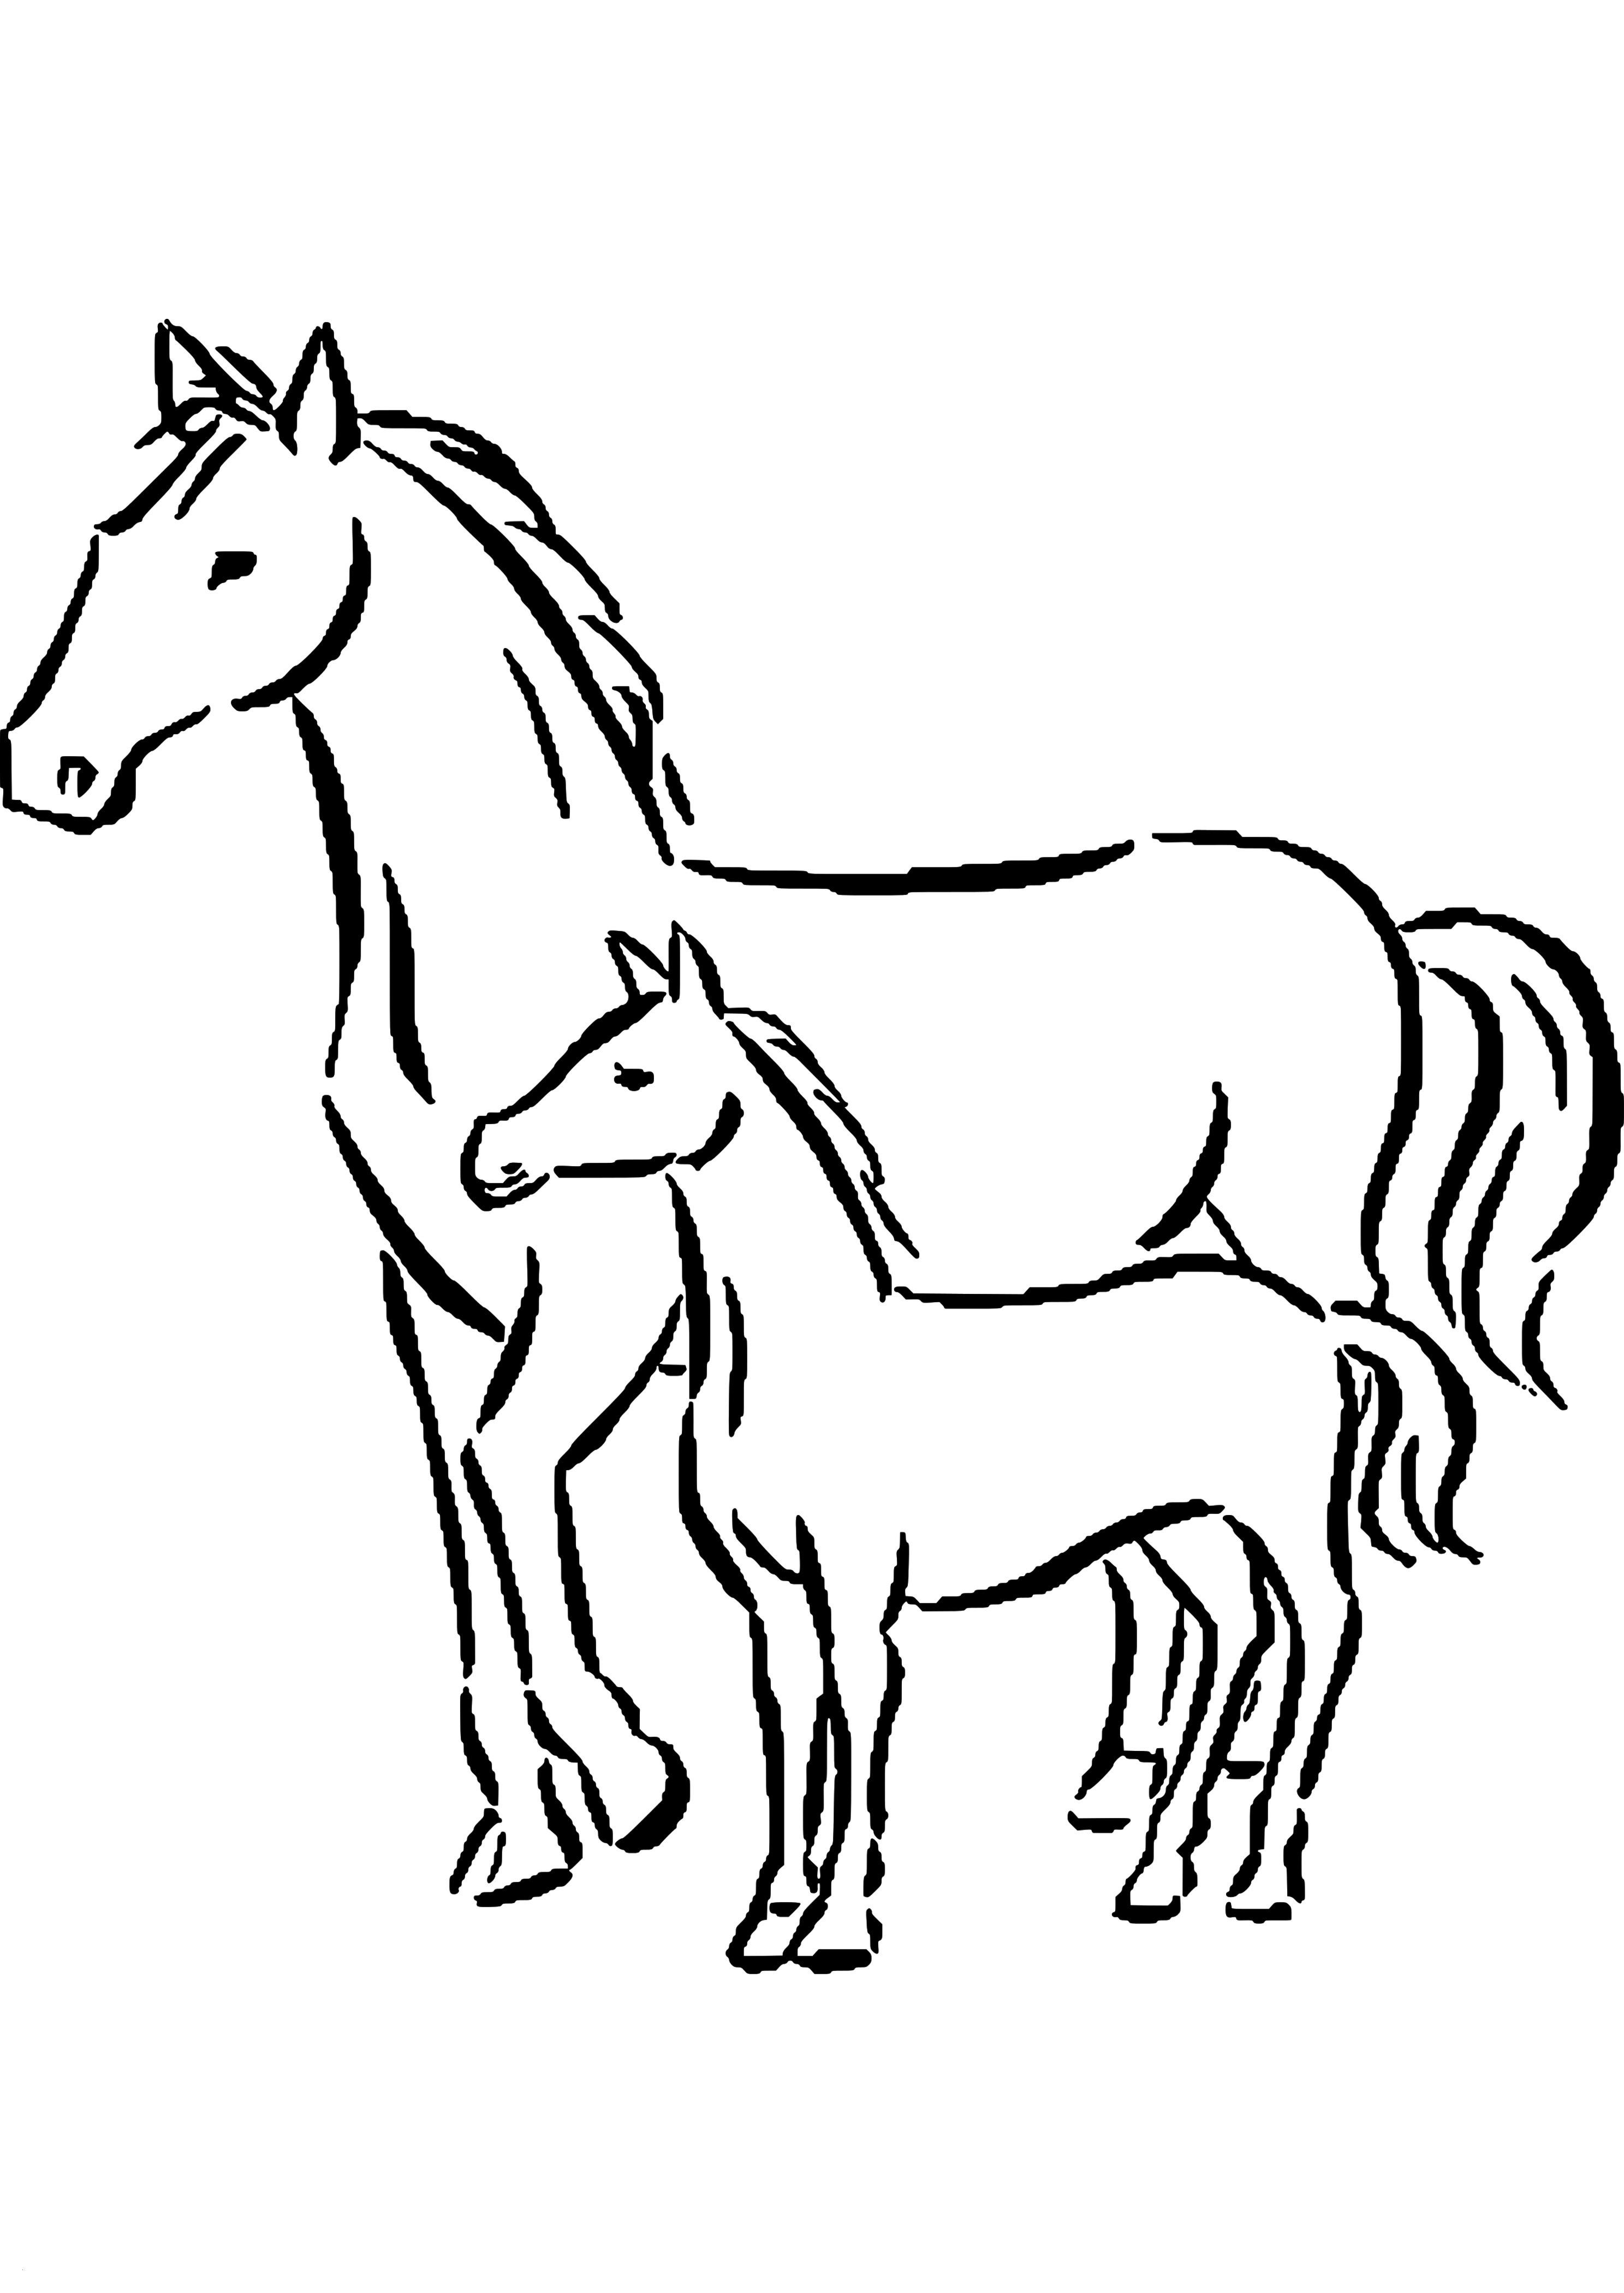 Pferde Ausmalbilder Horseland Genial 30 Ausmalbilder Reiterin forstergallery Sammlung